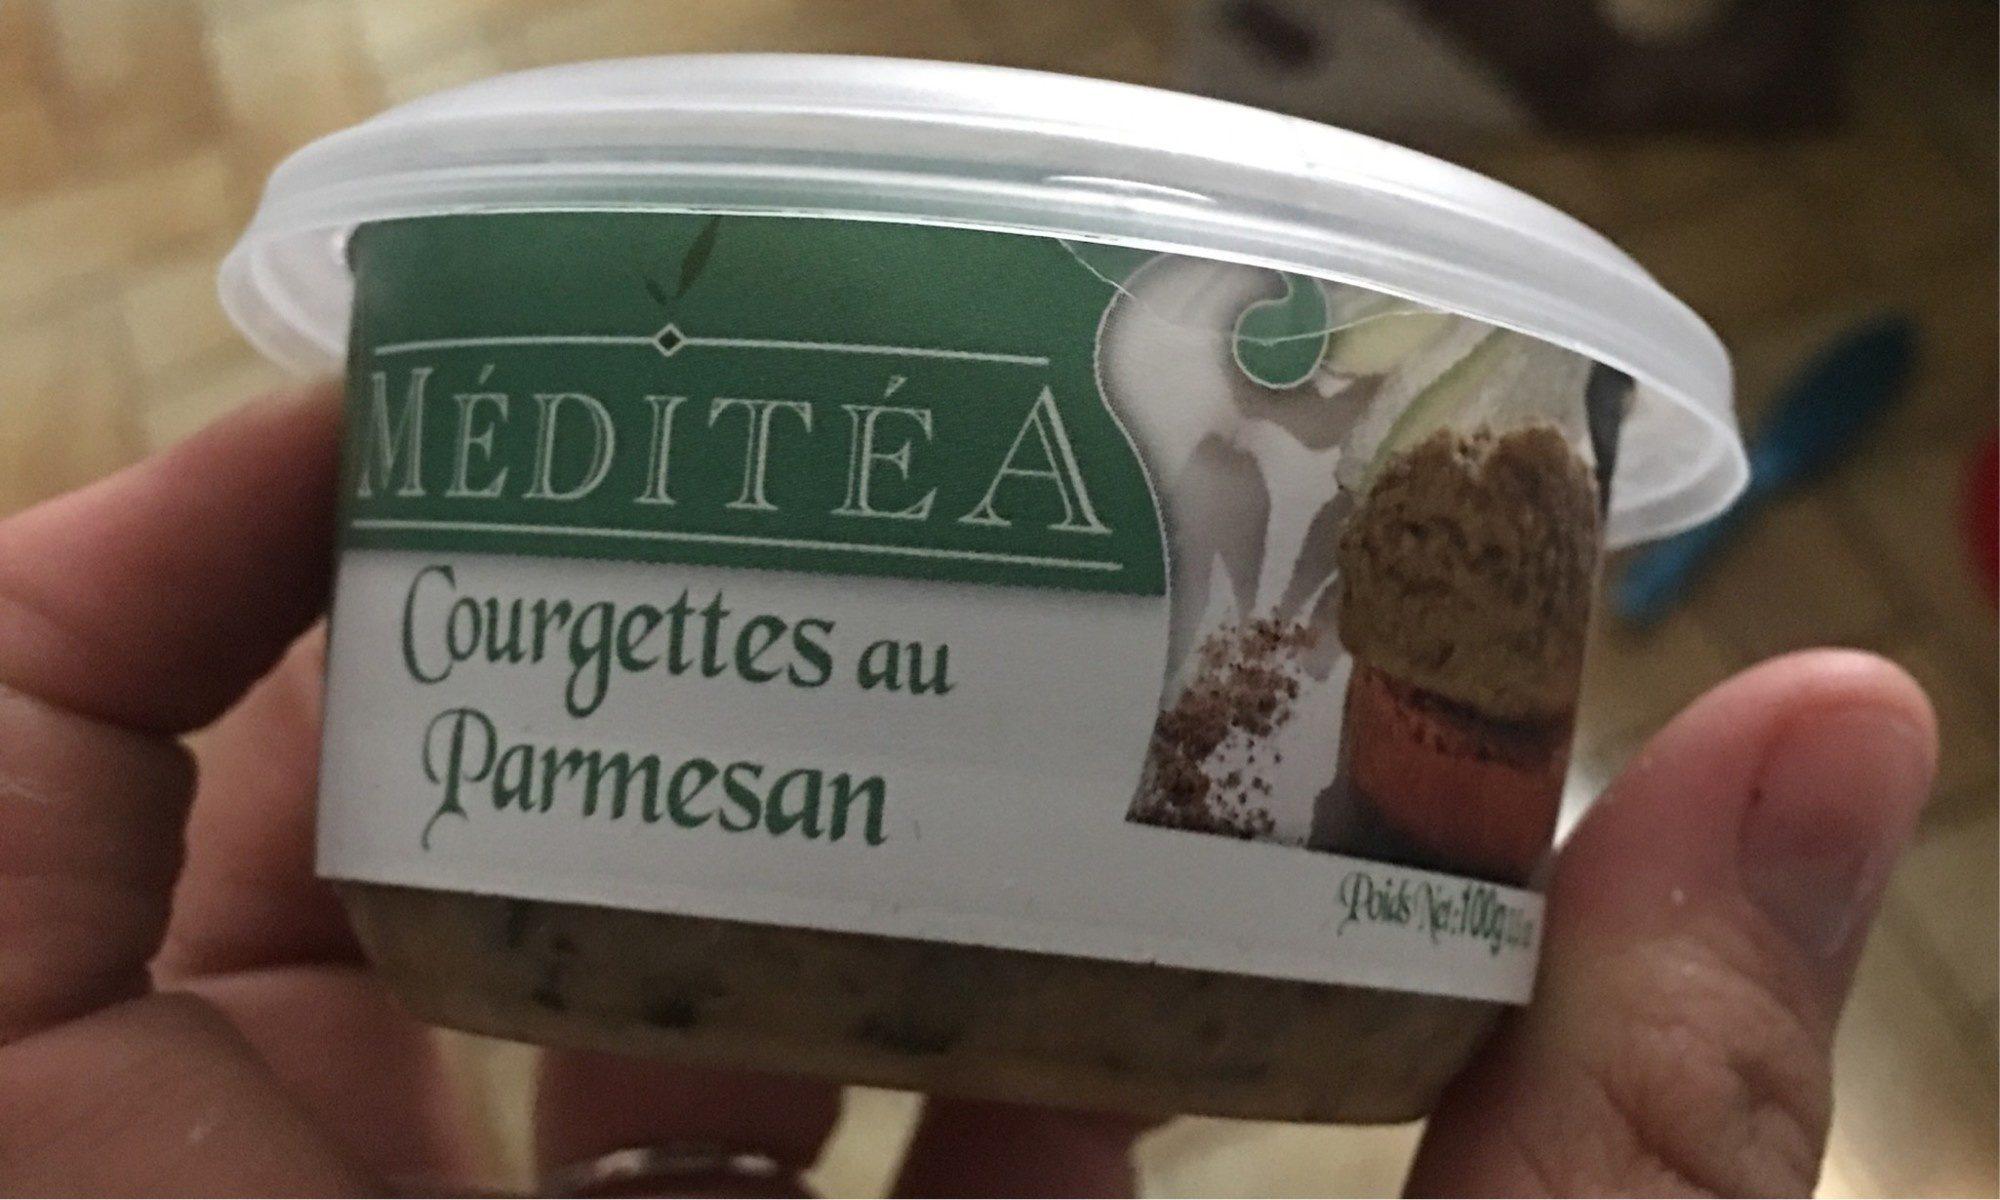 Courgette au parmesan - Product - fr